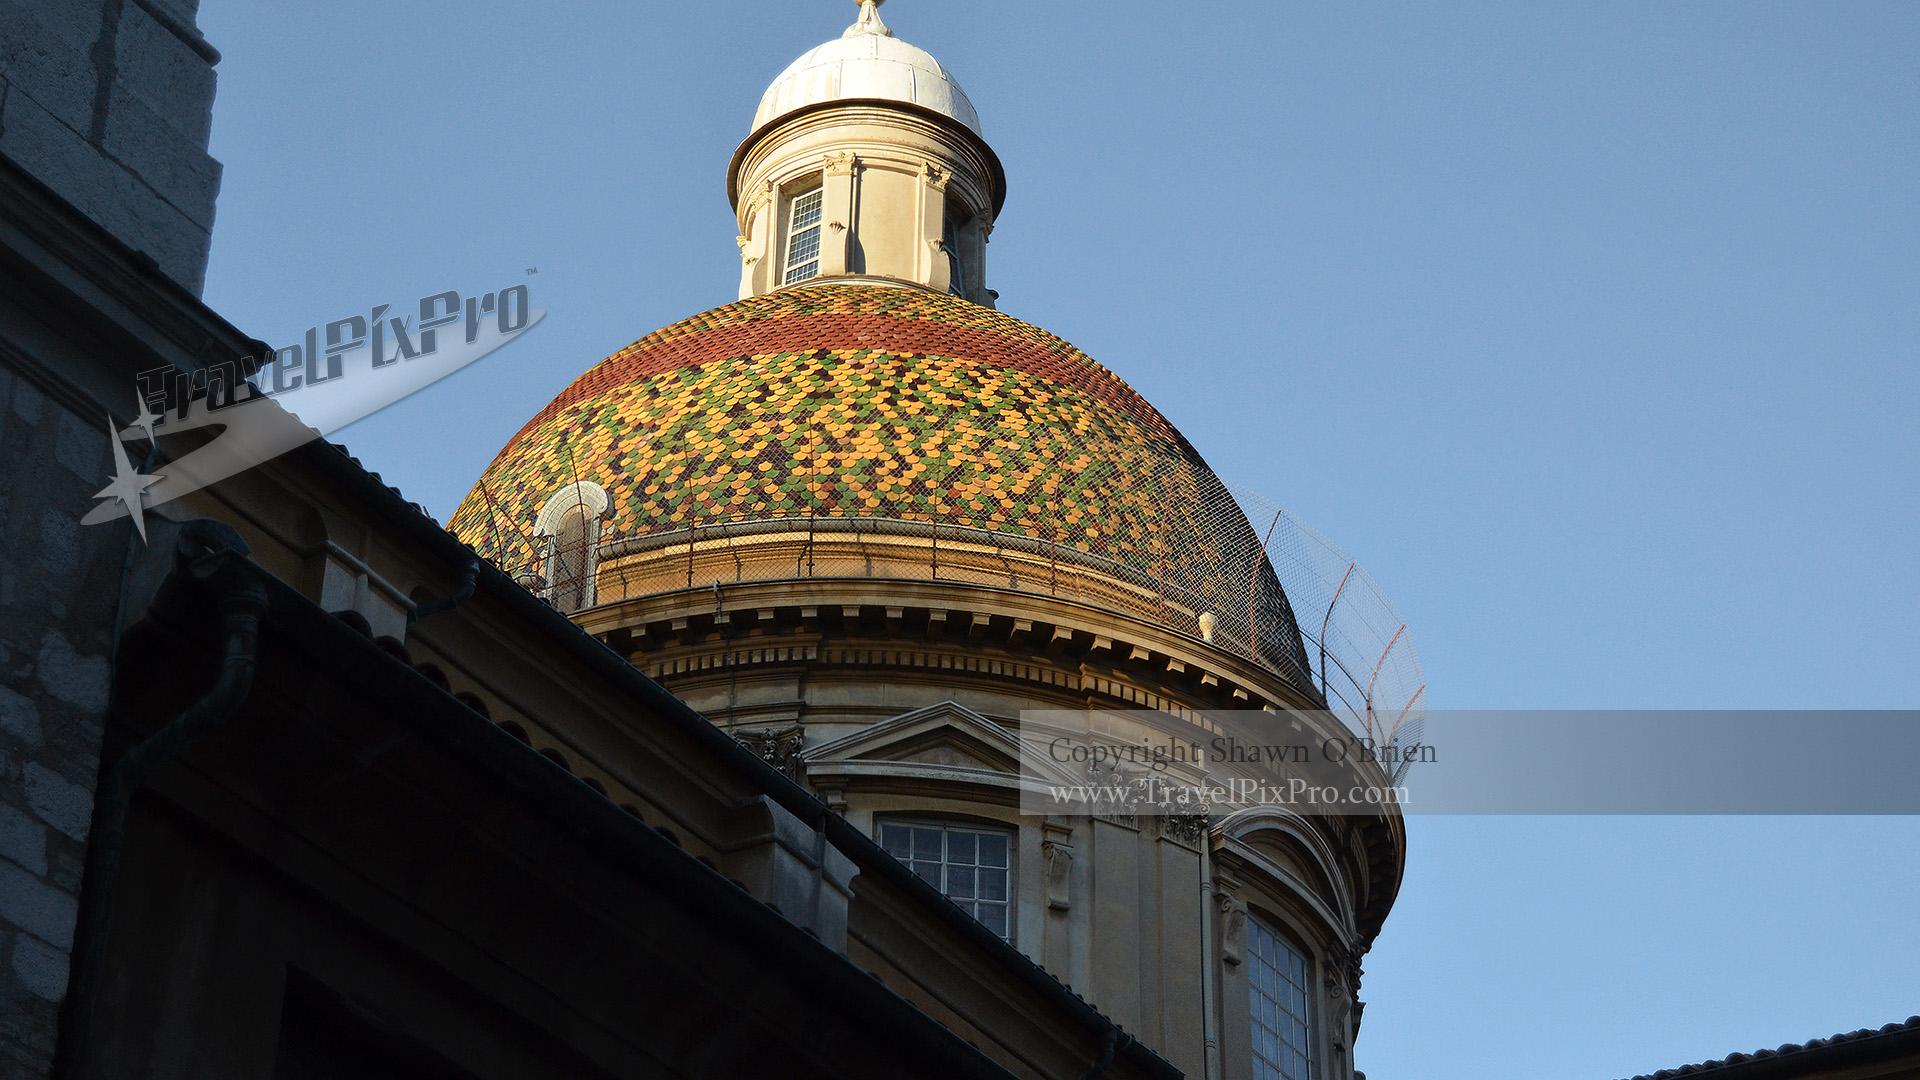 Gesu Church Dome, Old Town Nice